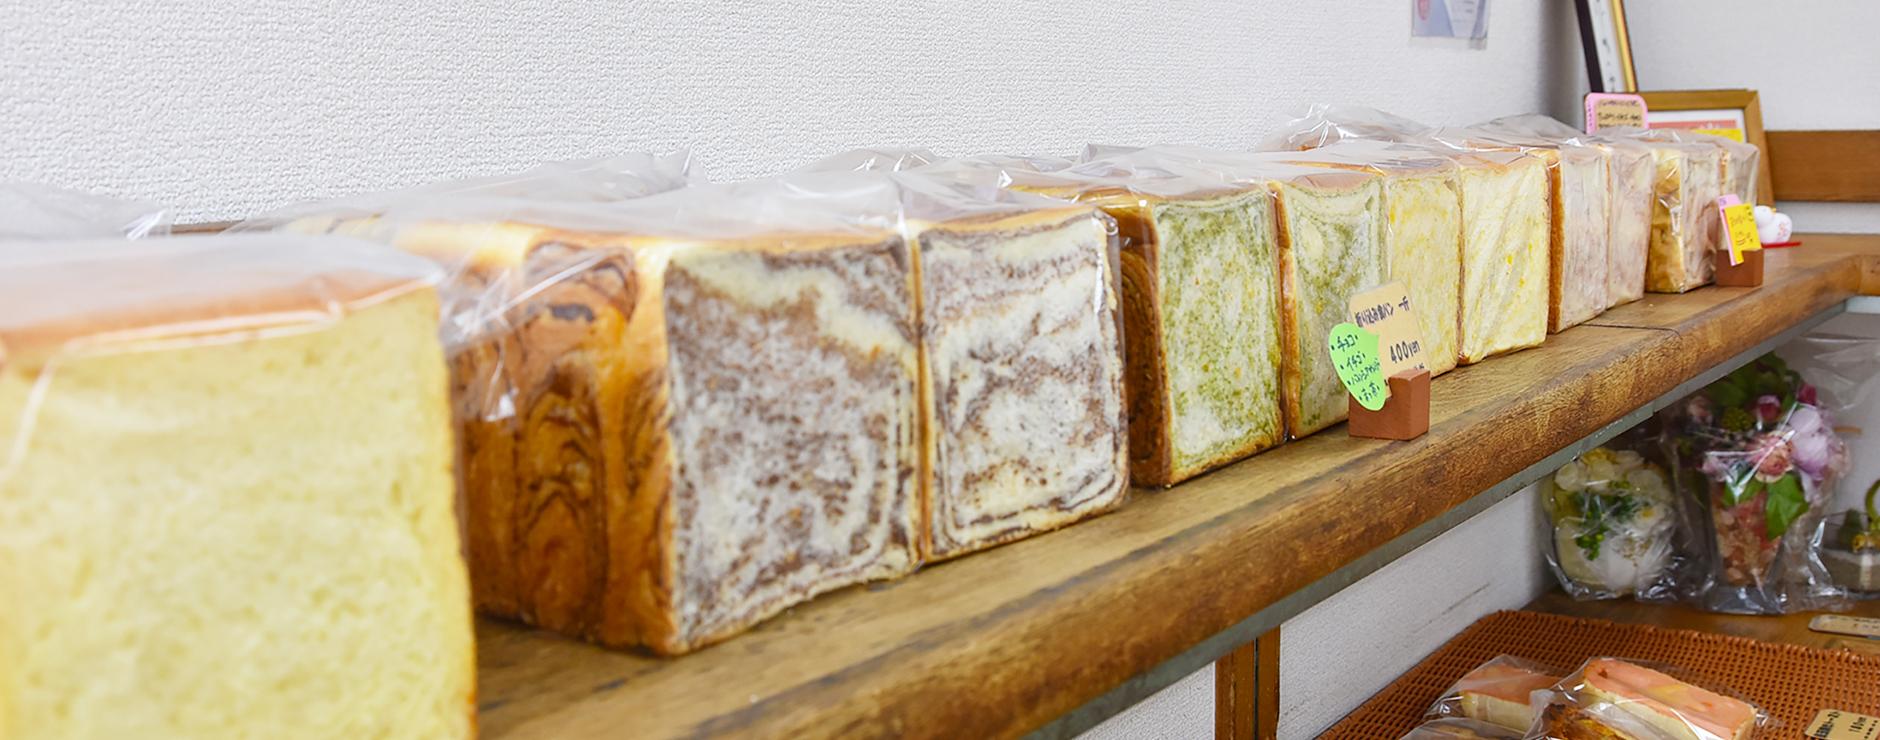 一家が想いをこめたパン、味わうのも家族みんなで。